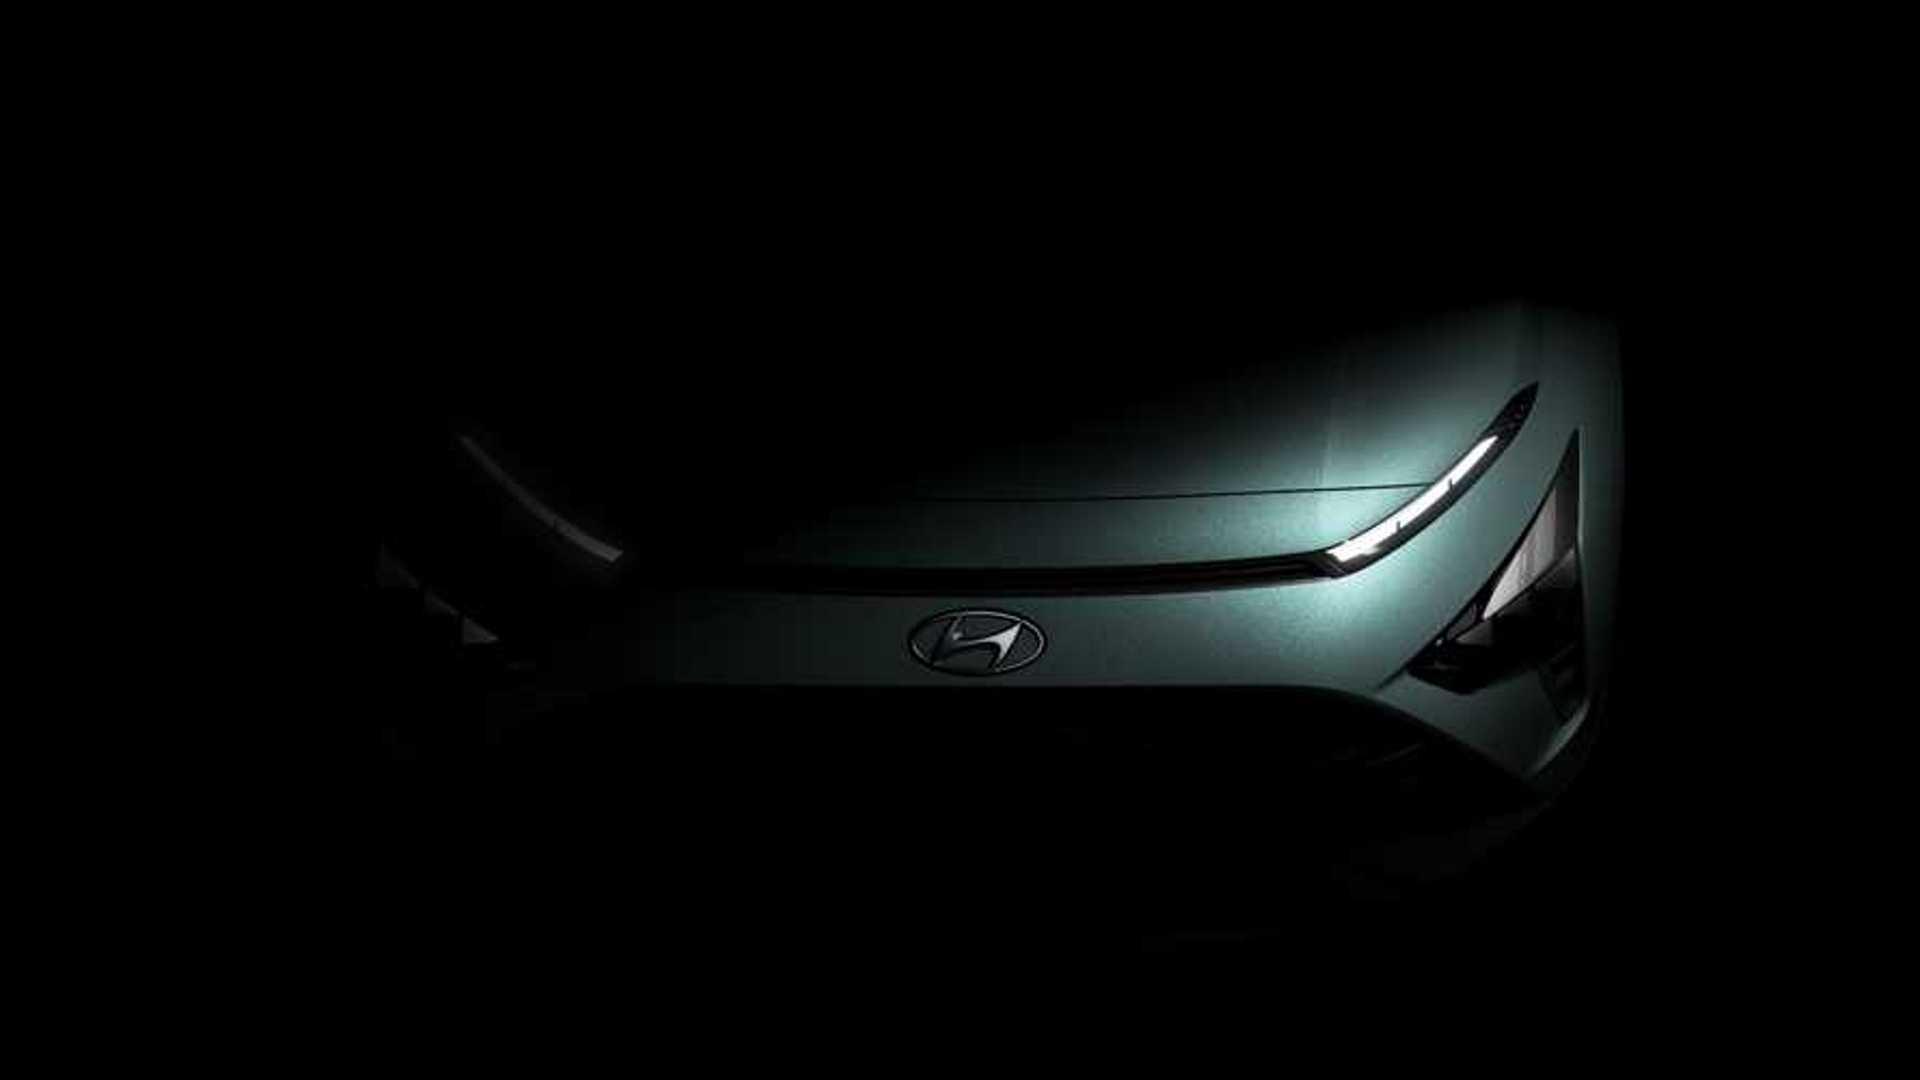 Hyundai Bayon 2021 года раскрывает более интересные детали дизайна в новых тизерах